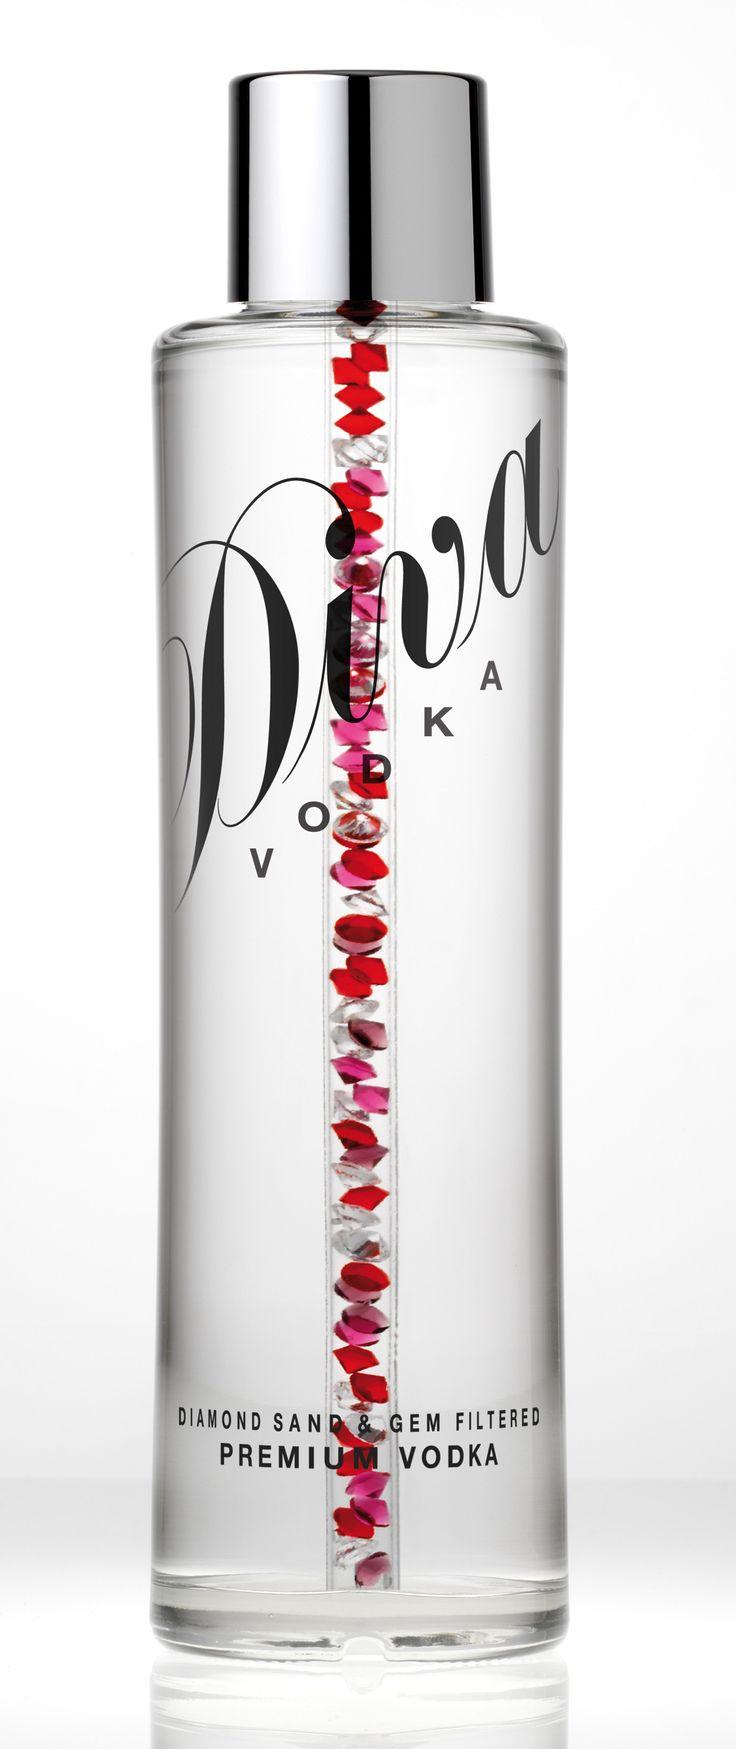 Vodka filtrada em joias com filete de joias preciosas